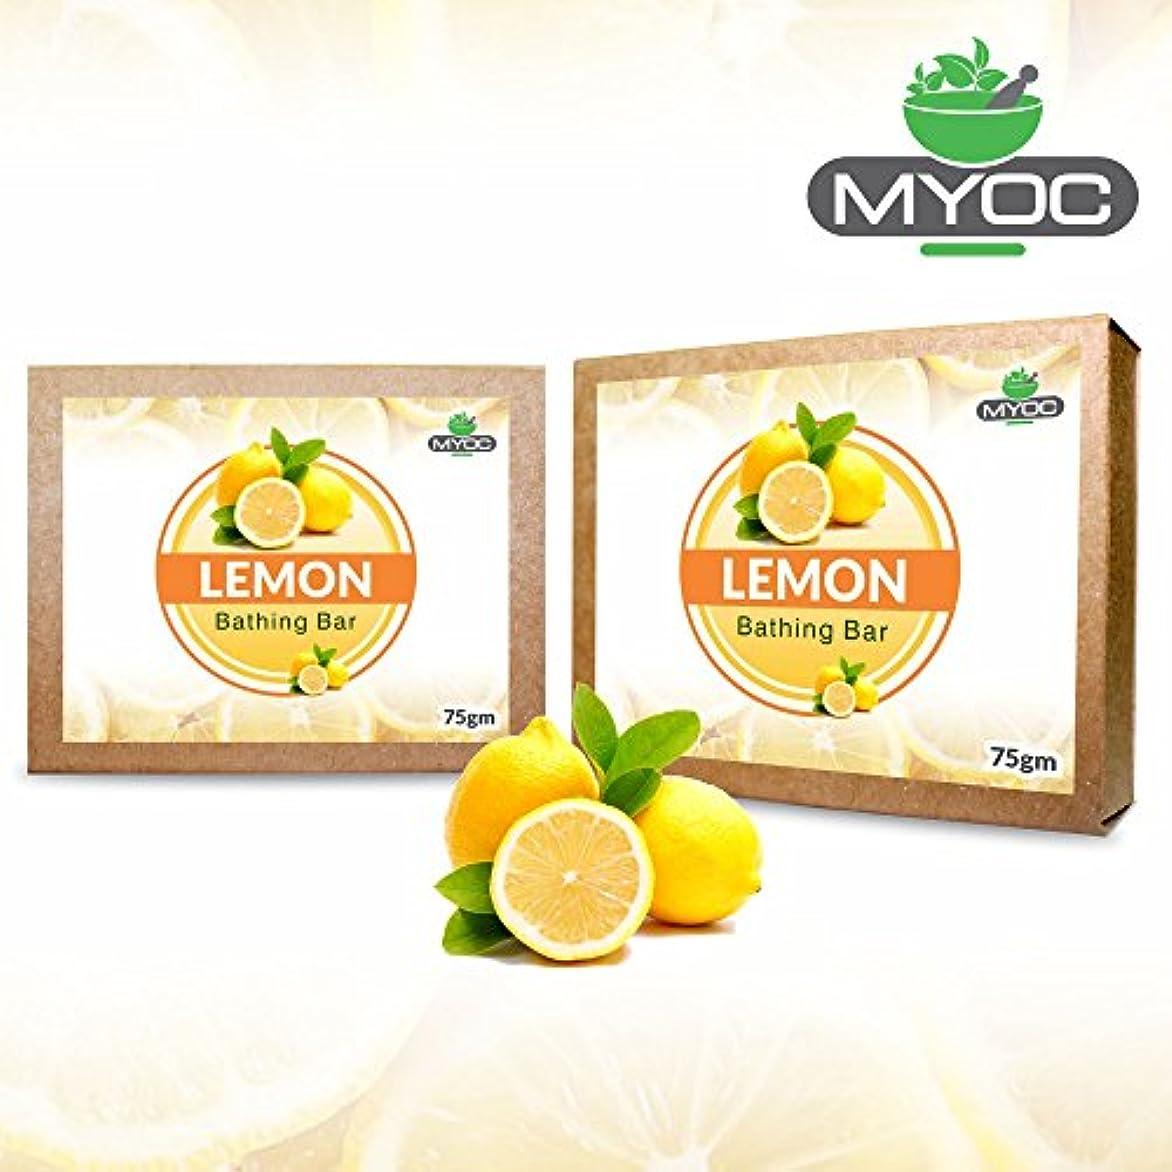 放つ従順なシャーロットブロンテLemon Oil And Vitamin E Astringent Soap, deodorant, antiseptic soap for clogged pores and acne prone skin 75g...